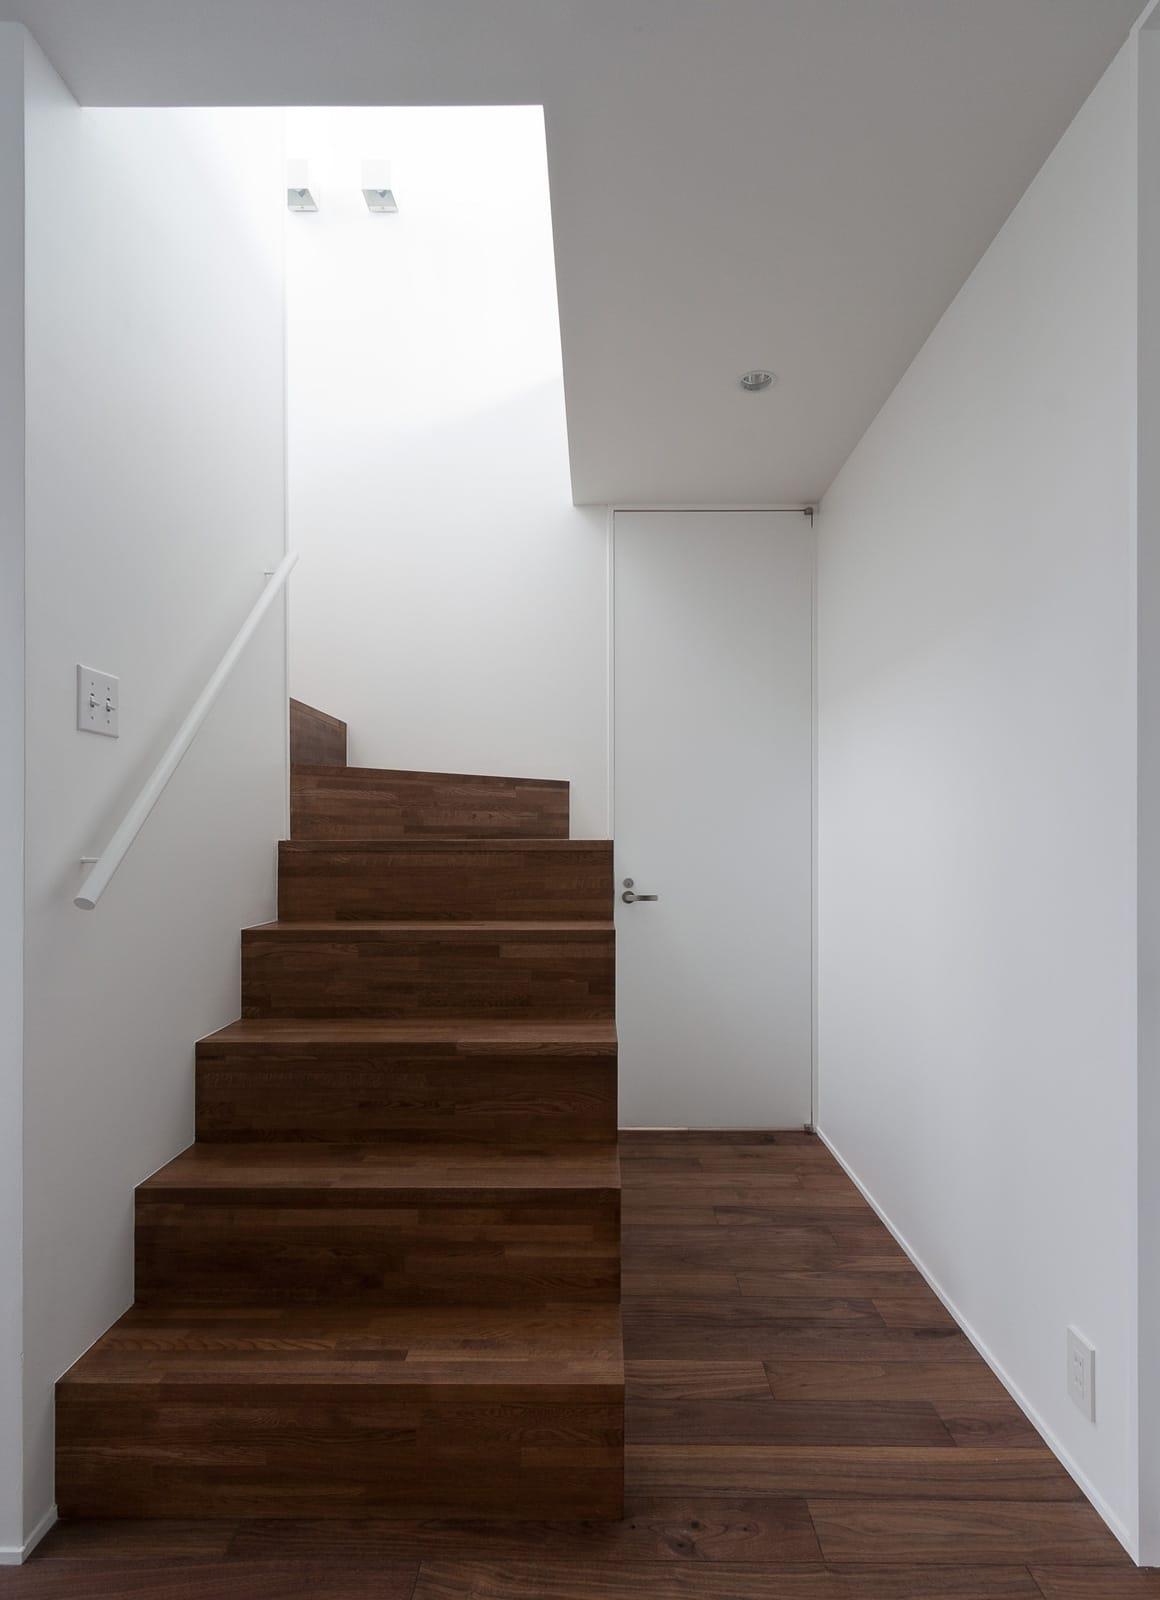 芦屋ファーストクラス住宅の階段(木製)1